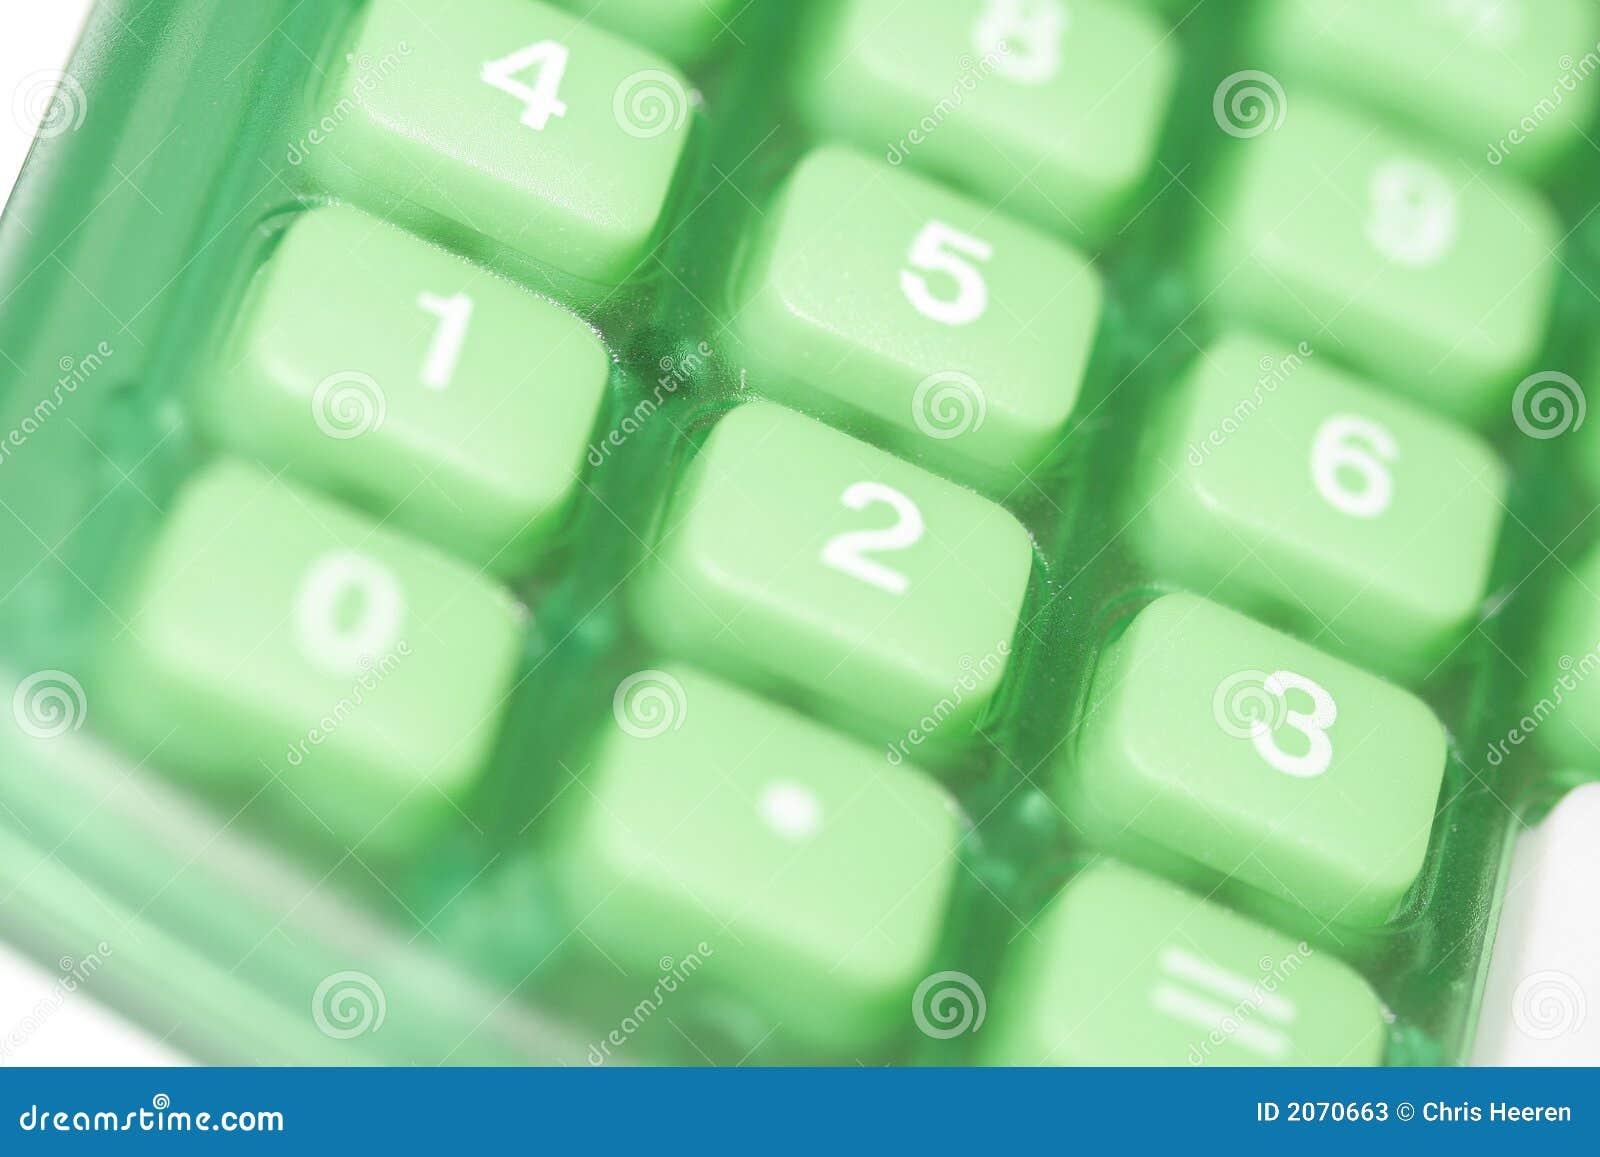 Zapnij kalkulator